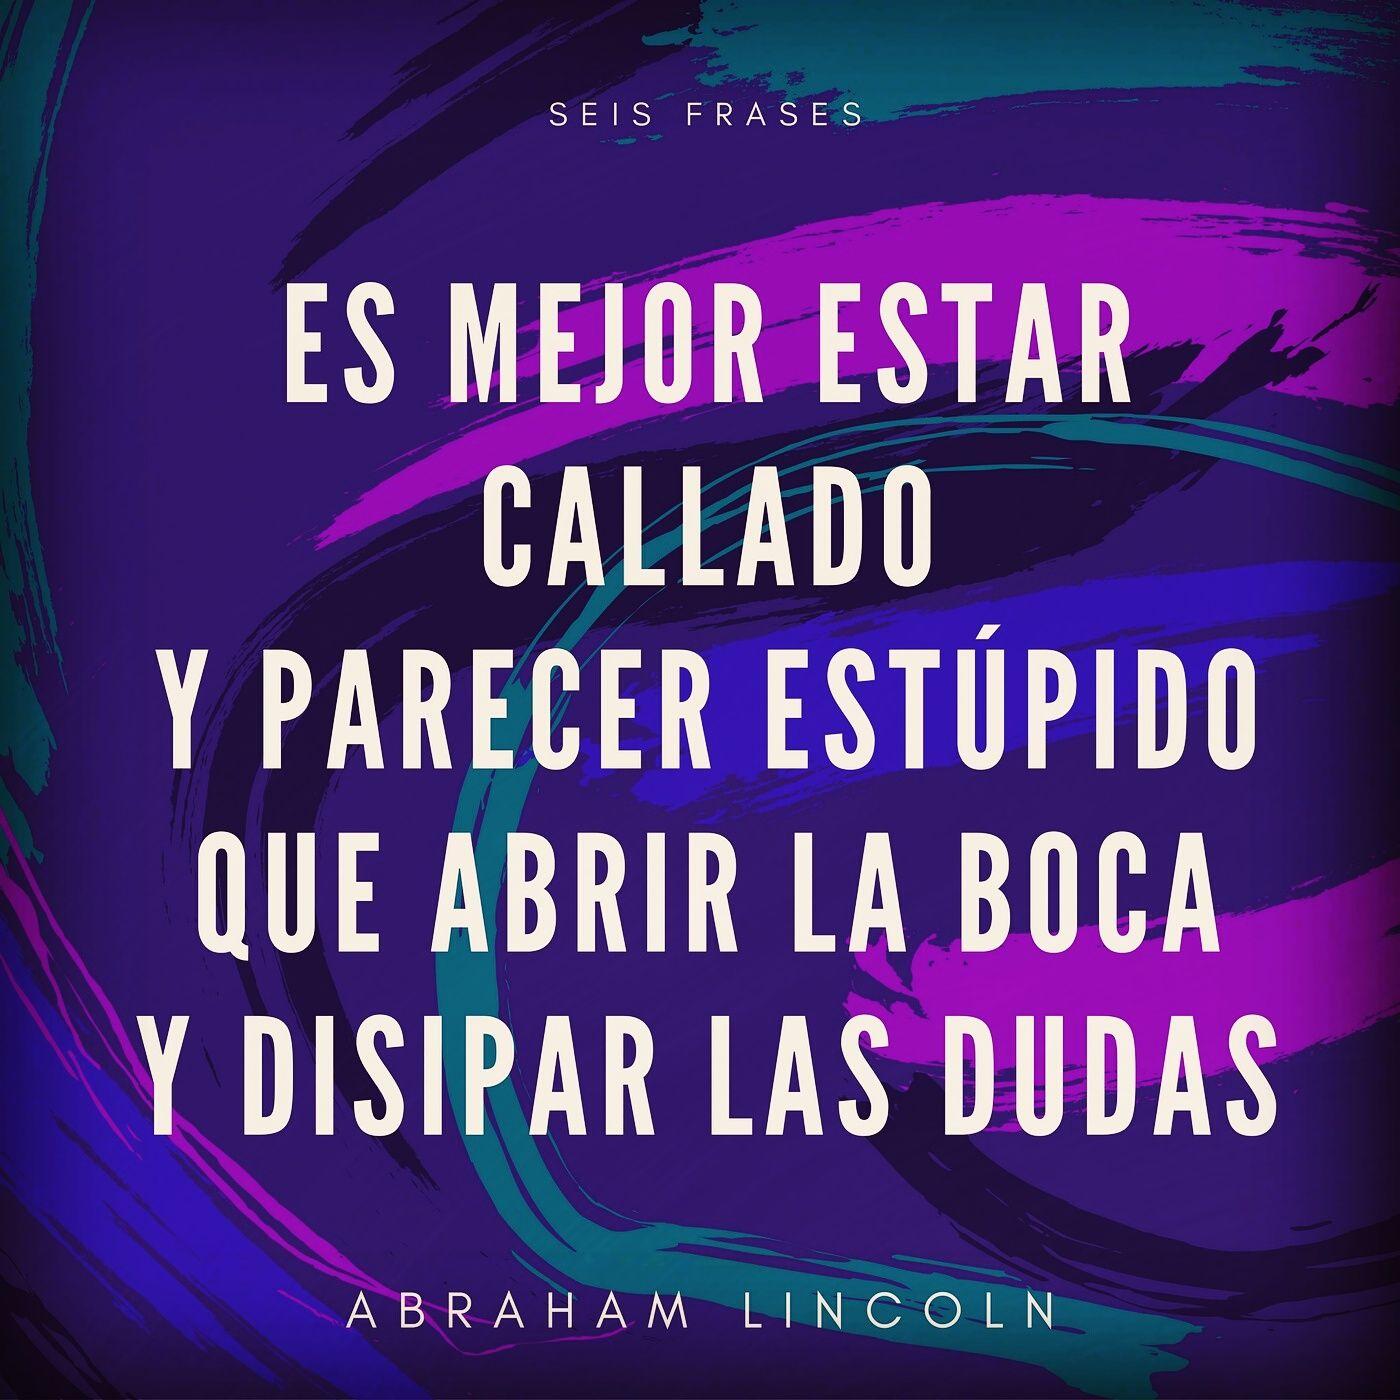 Es mejor estar callado y parecer estúpido que abrir la boca y disipar las dudas. Abraham Lincoln